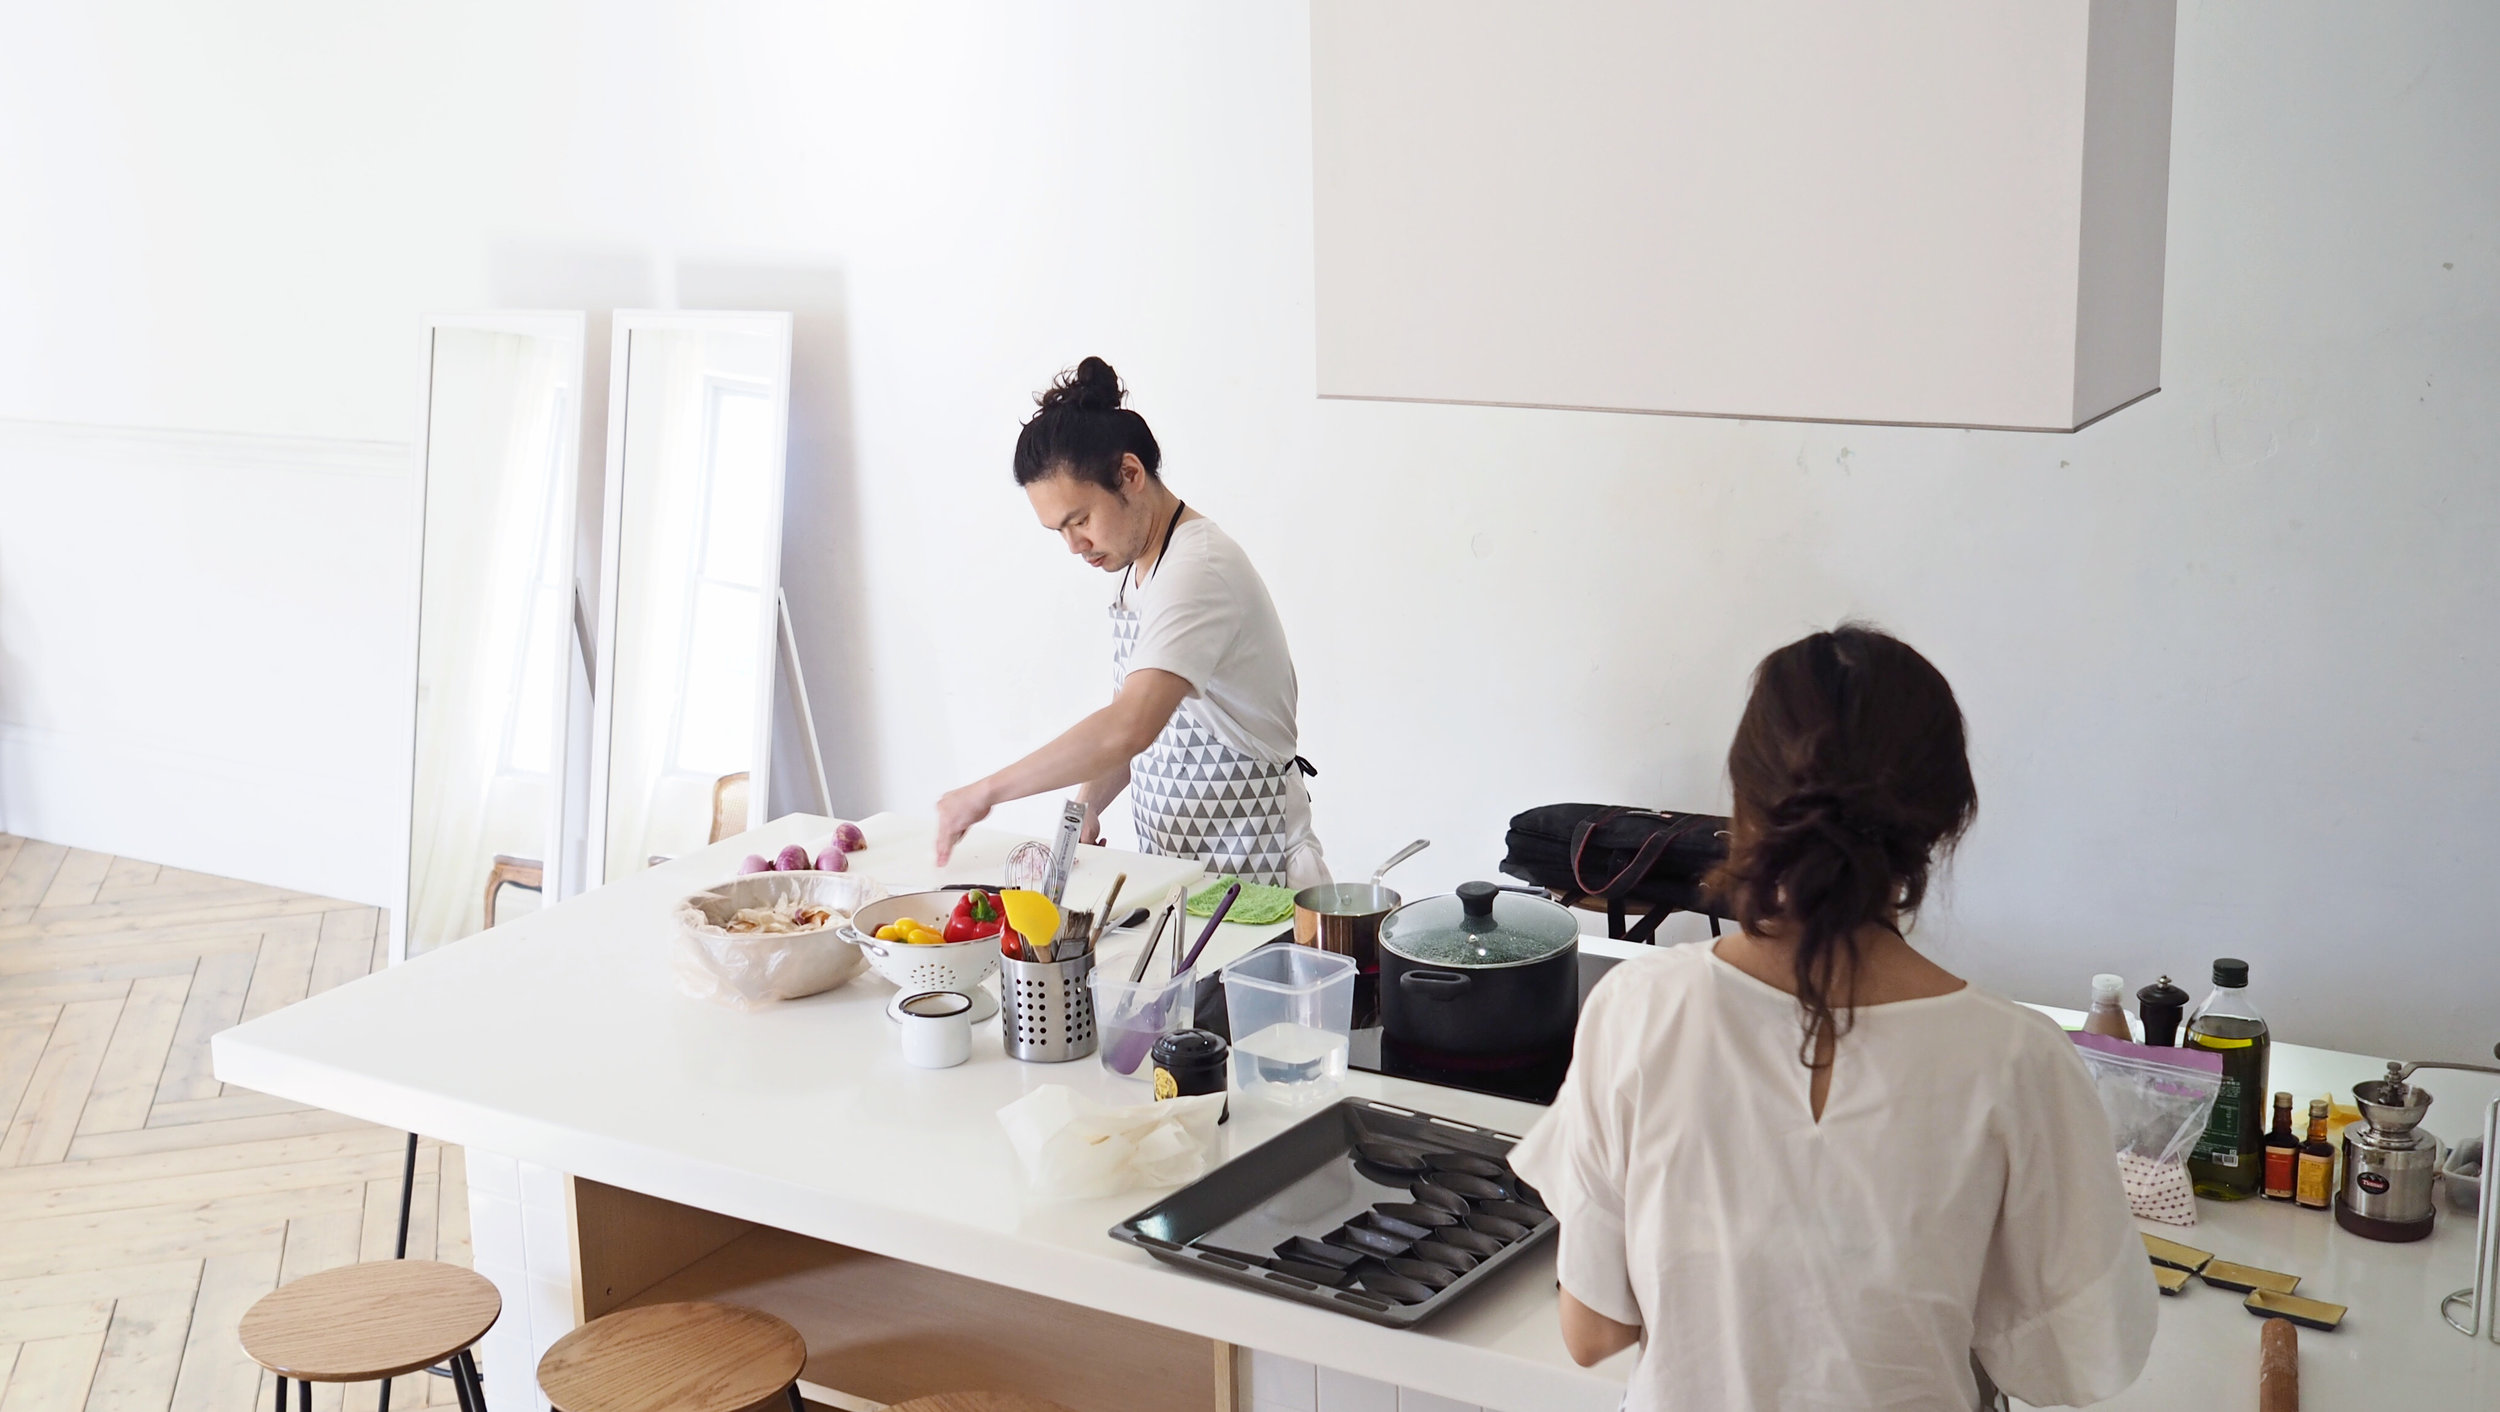 課程/私廚 Class ⇢